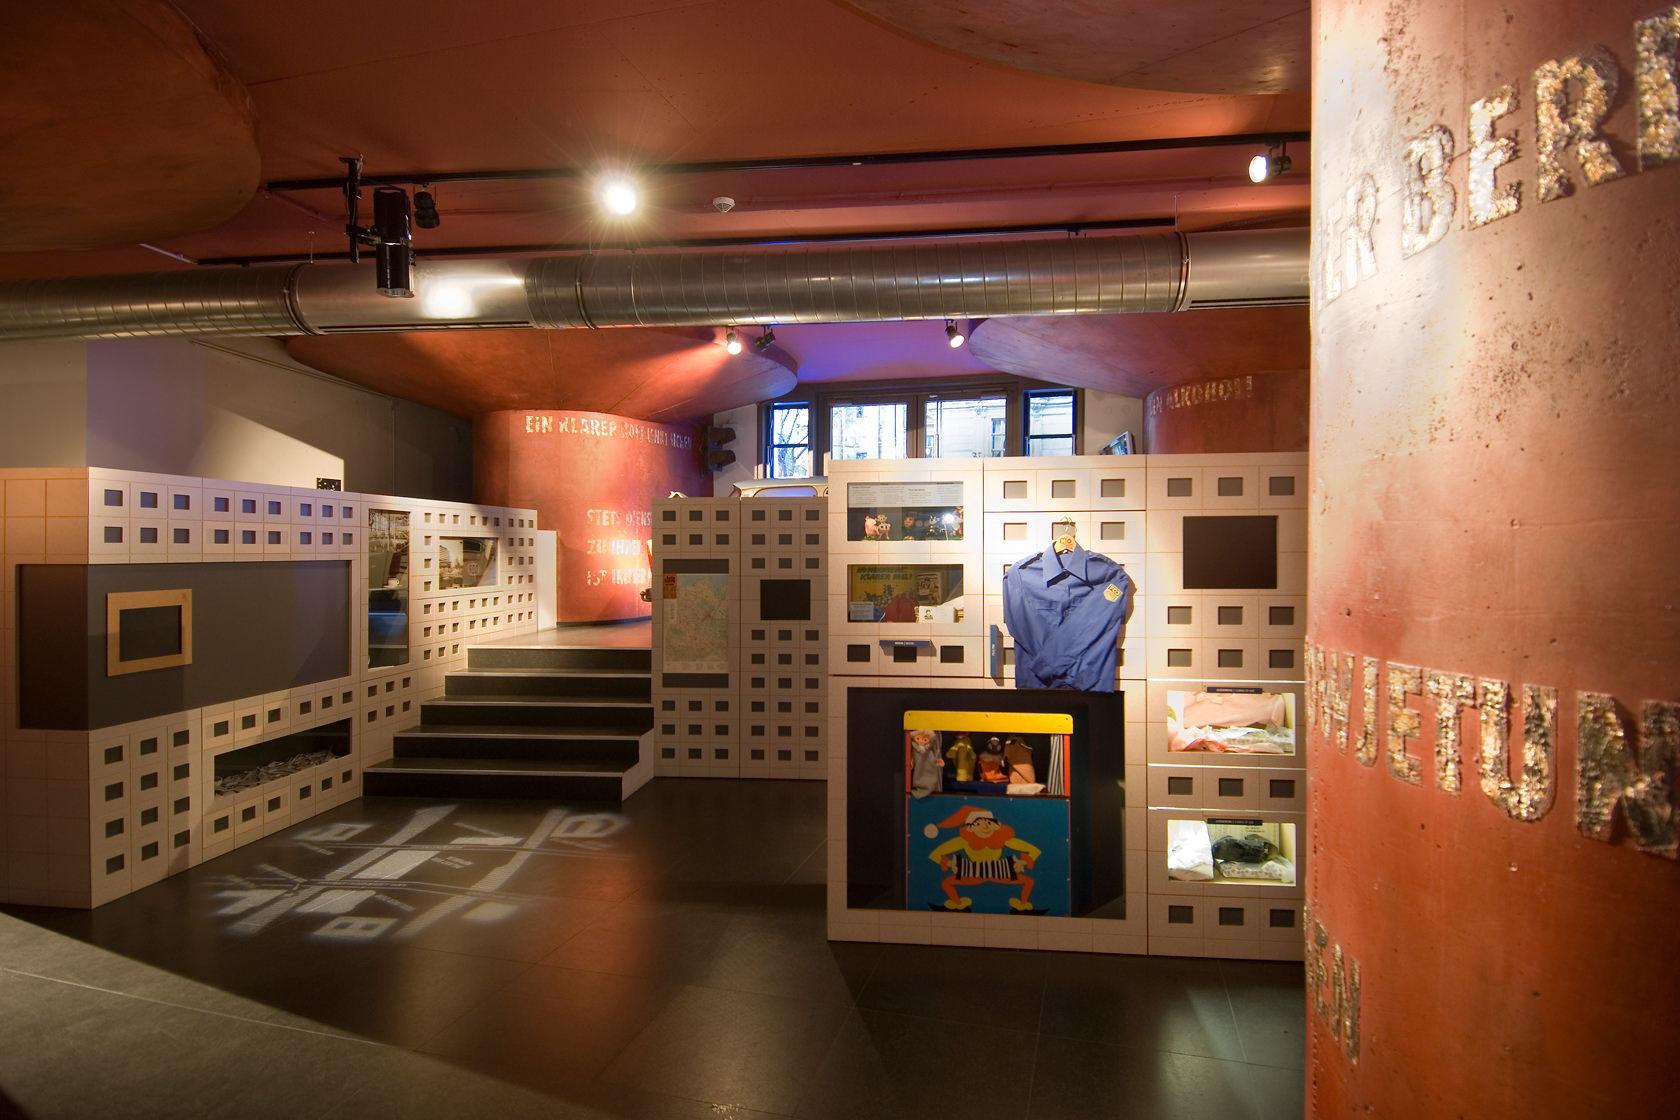 Architekten In Berlin ddr museum berlin 2006 und mehr arbeiten form farbe